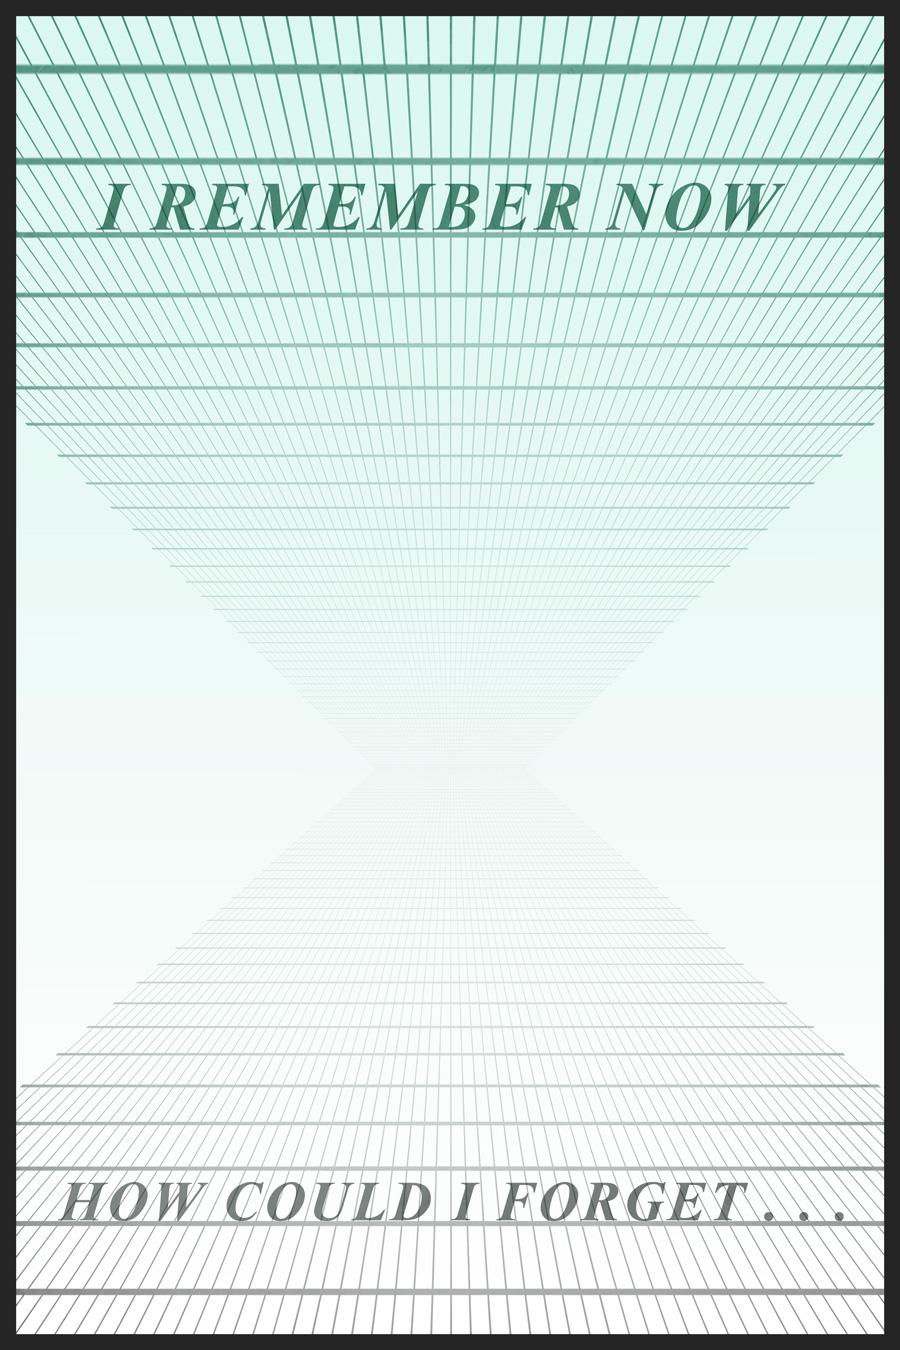 3_10.jpg